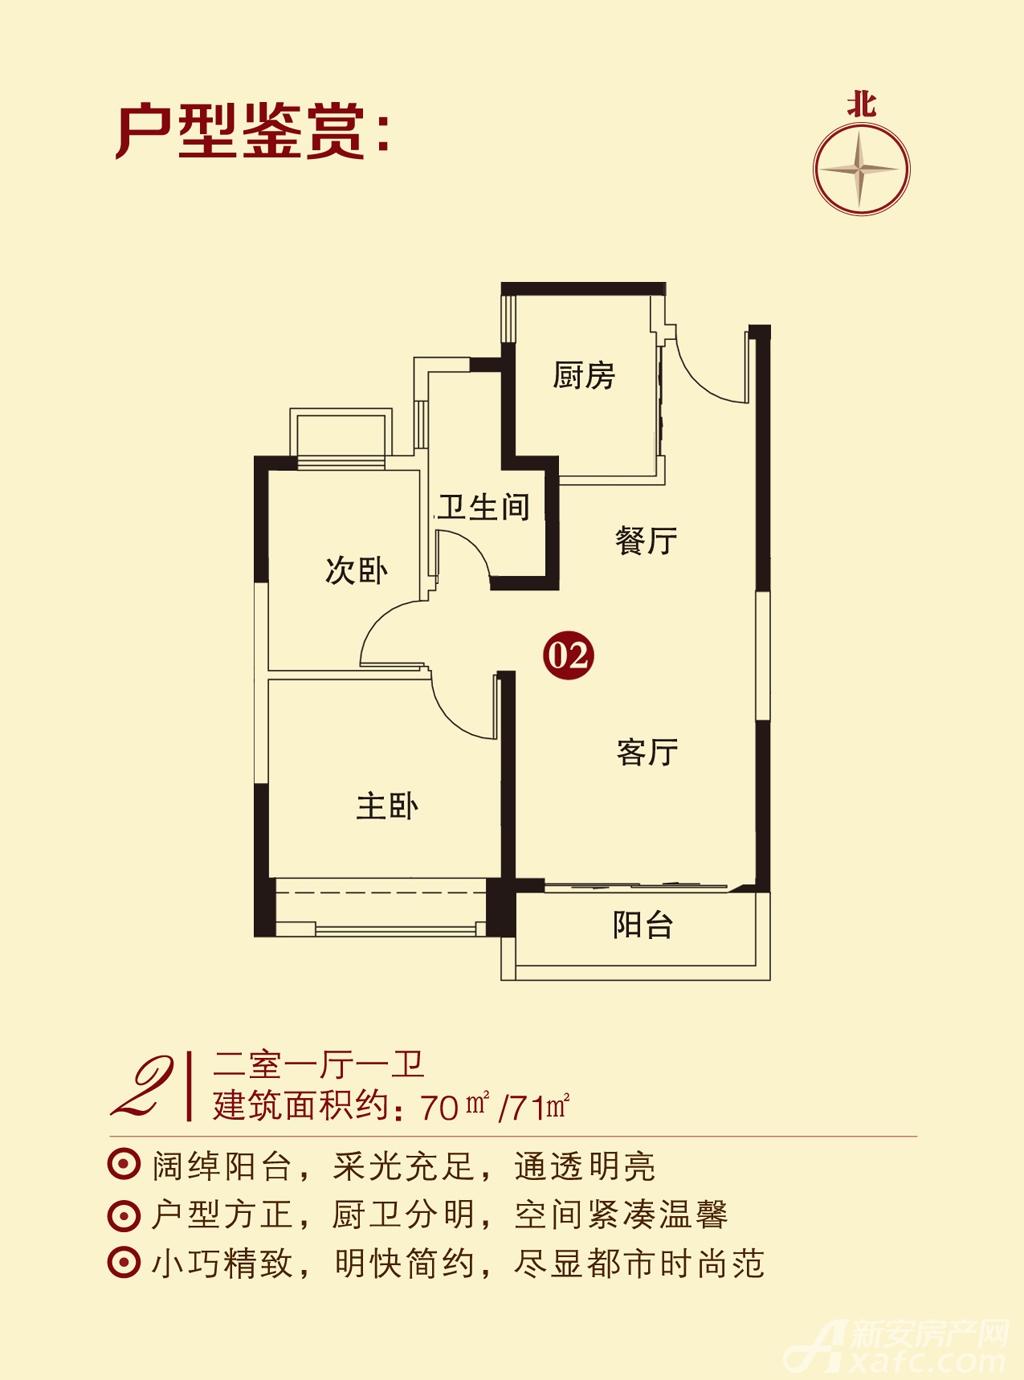 恒大城17#户型22室1厅70平米